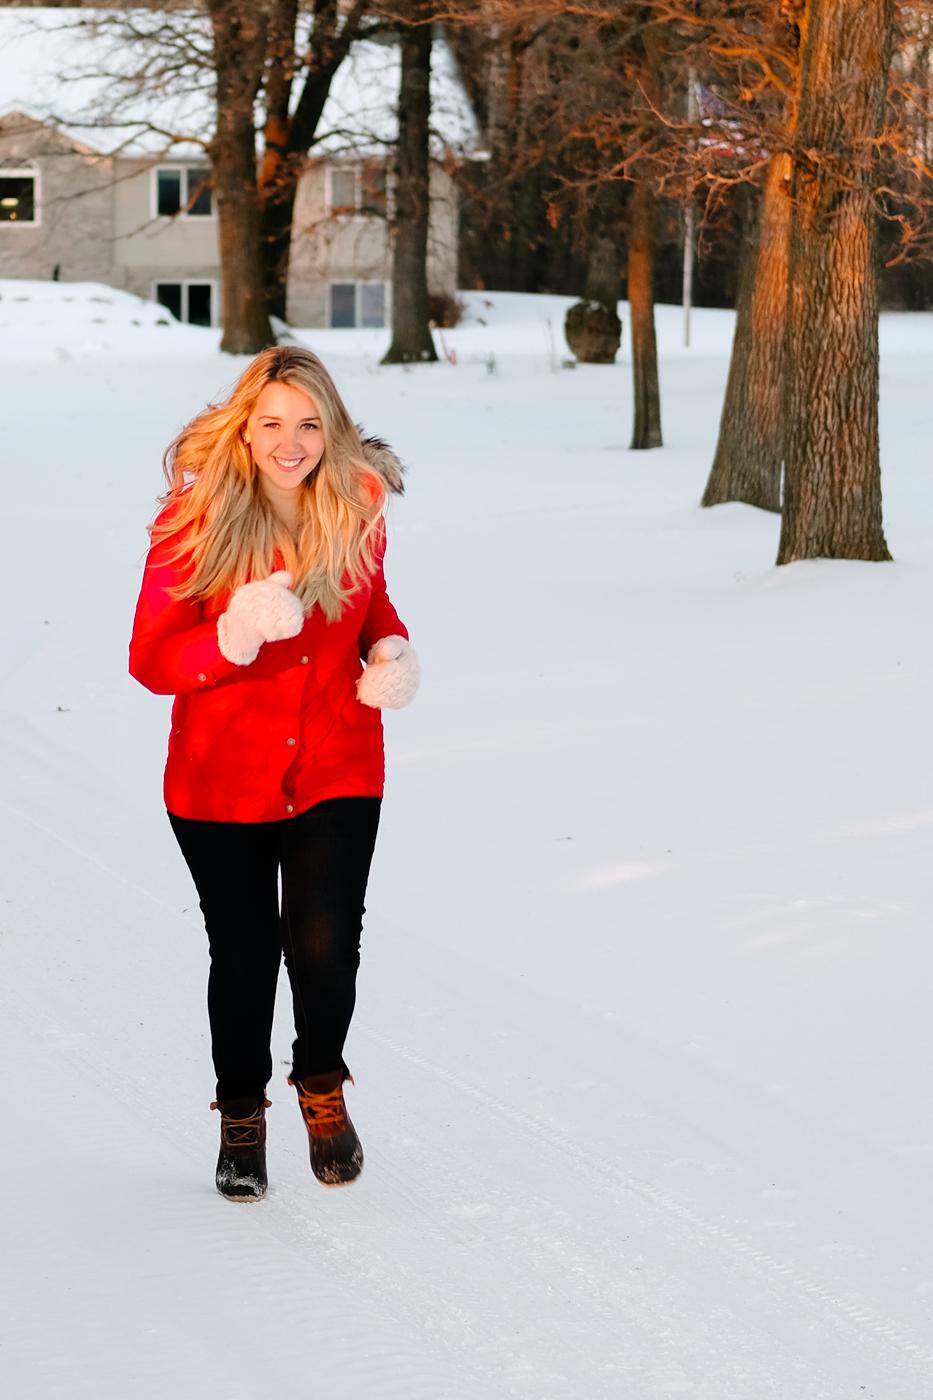 Debora Dahl running in the snow